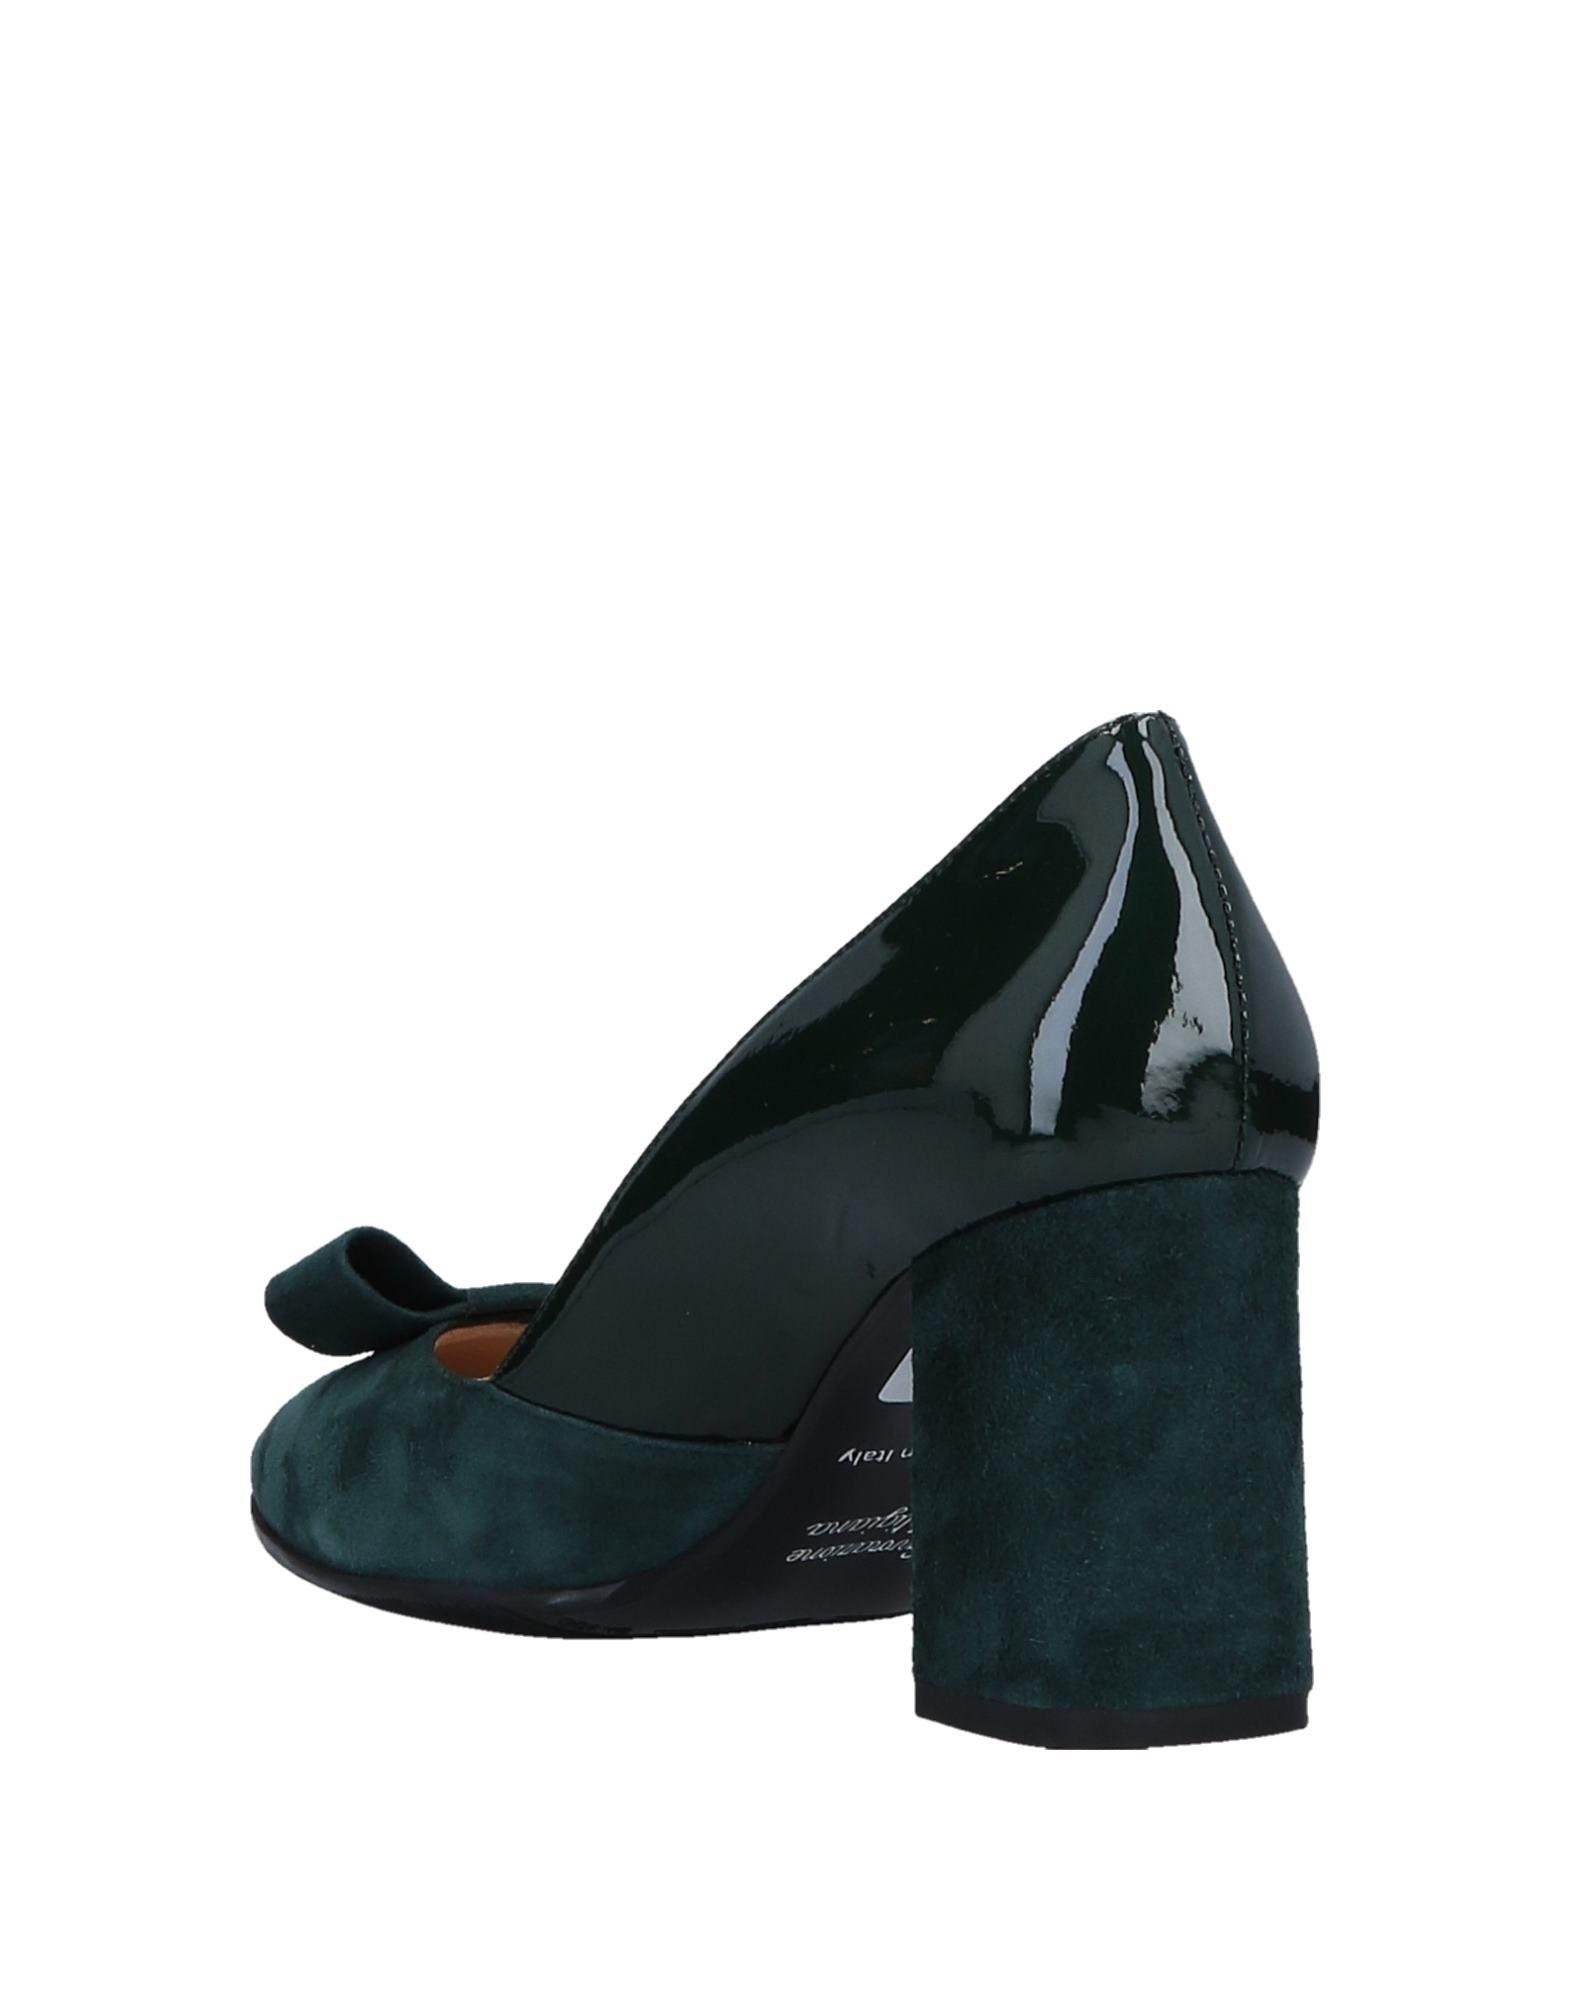 F.Lli Bruglia 11520436GBGut Pumps Damen  11520436GBGut Bruglia aussehende strapazierfähige Schuhe 4a4b20